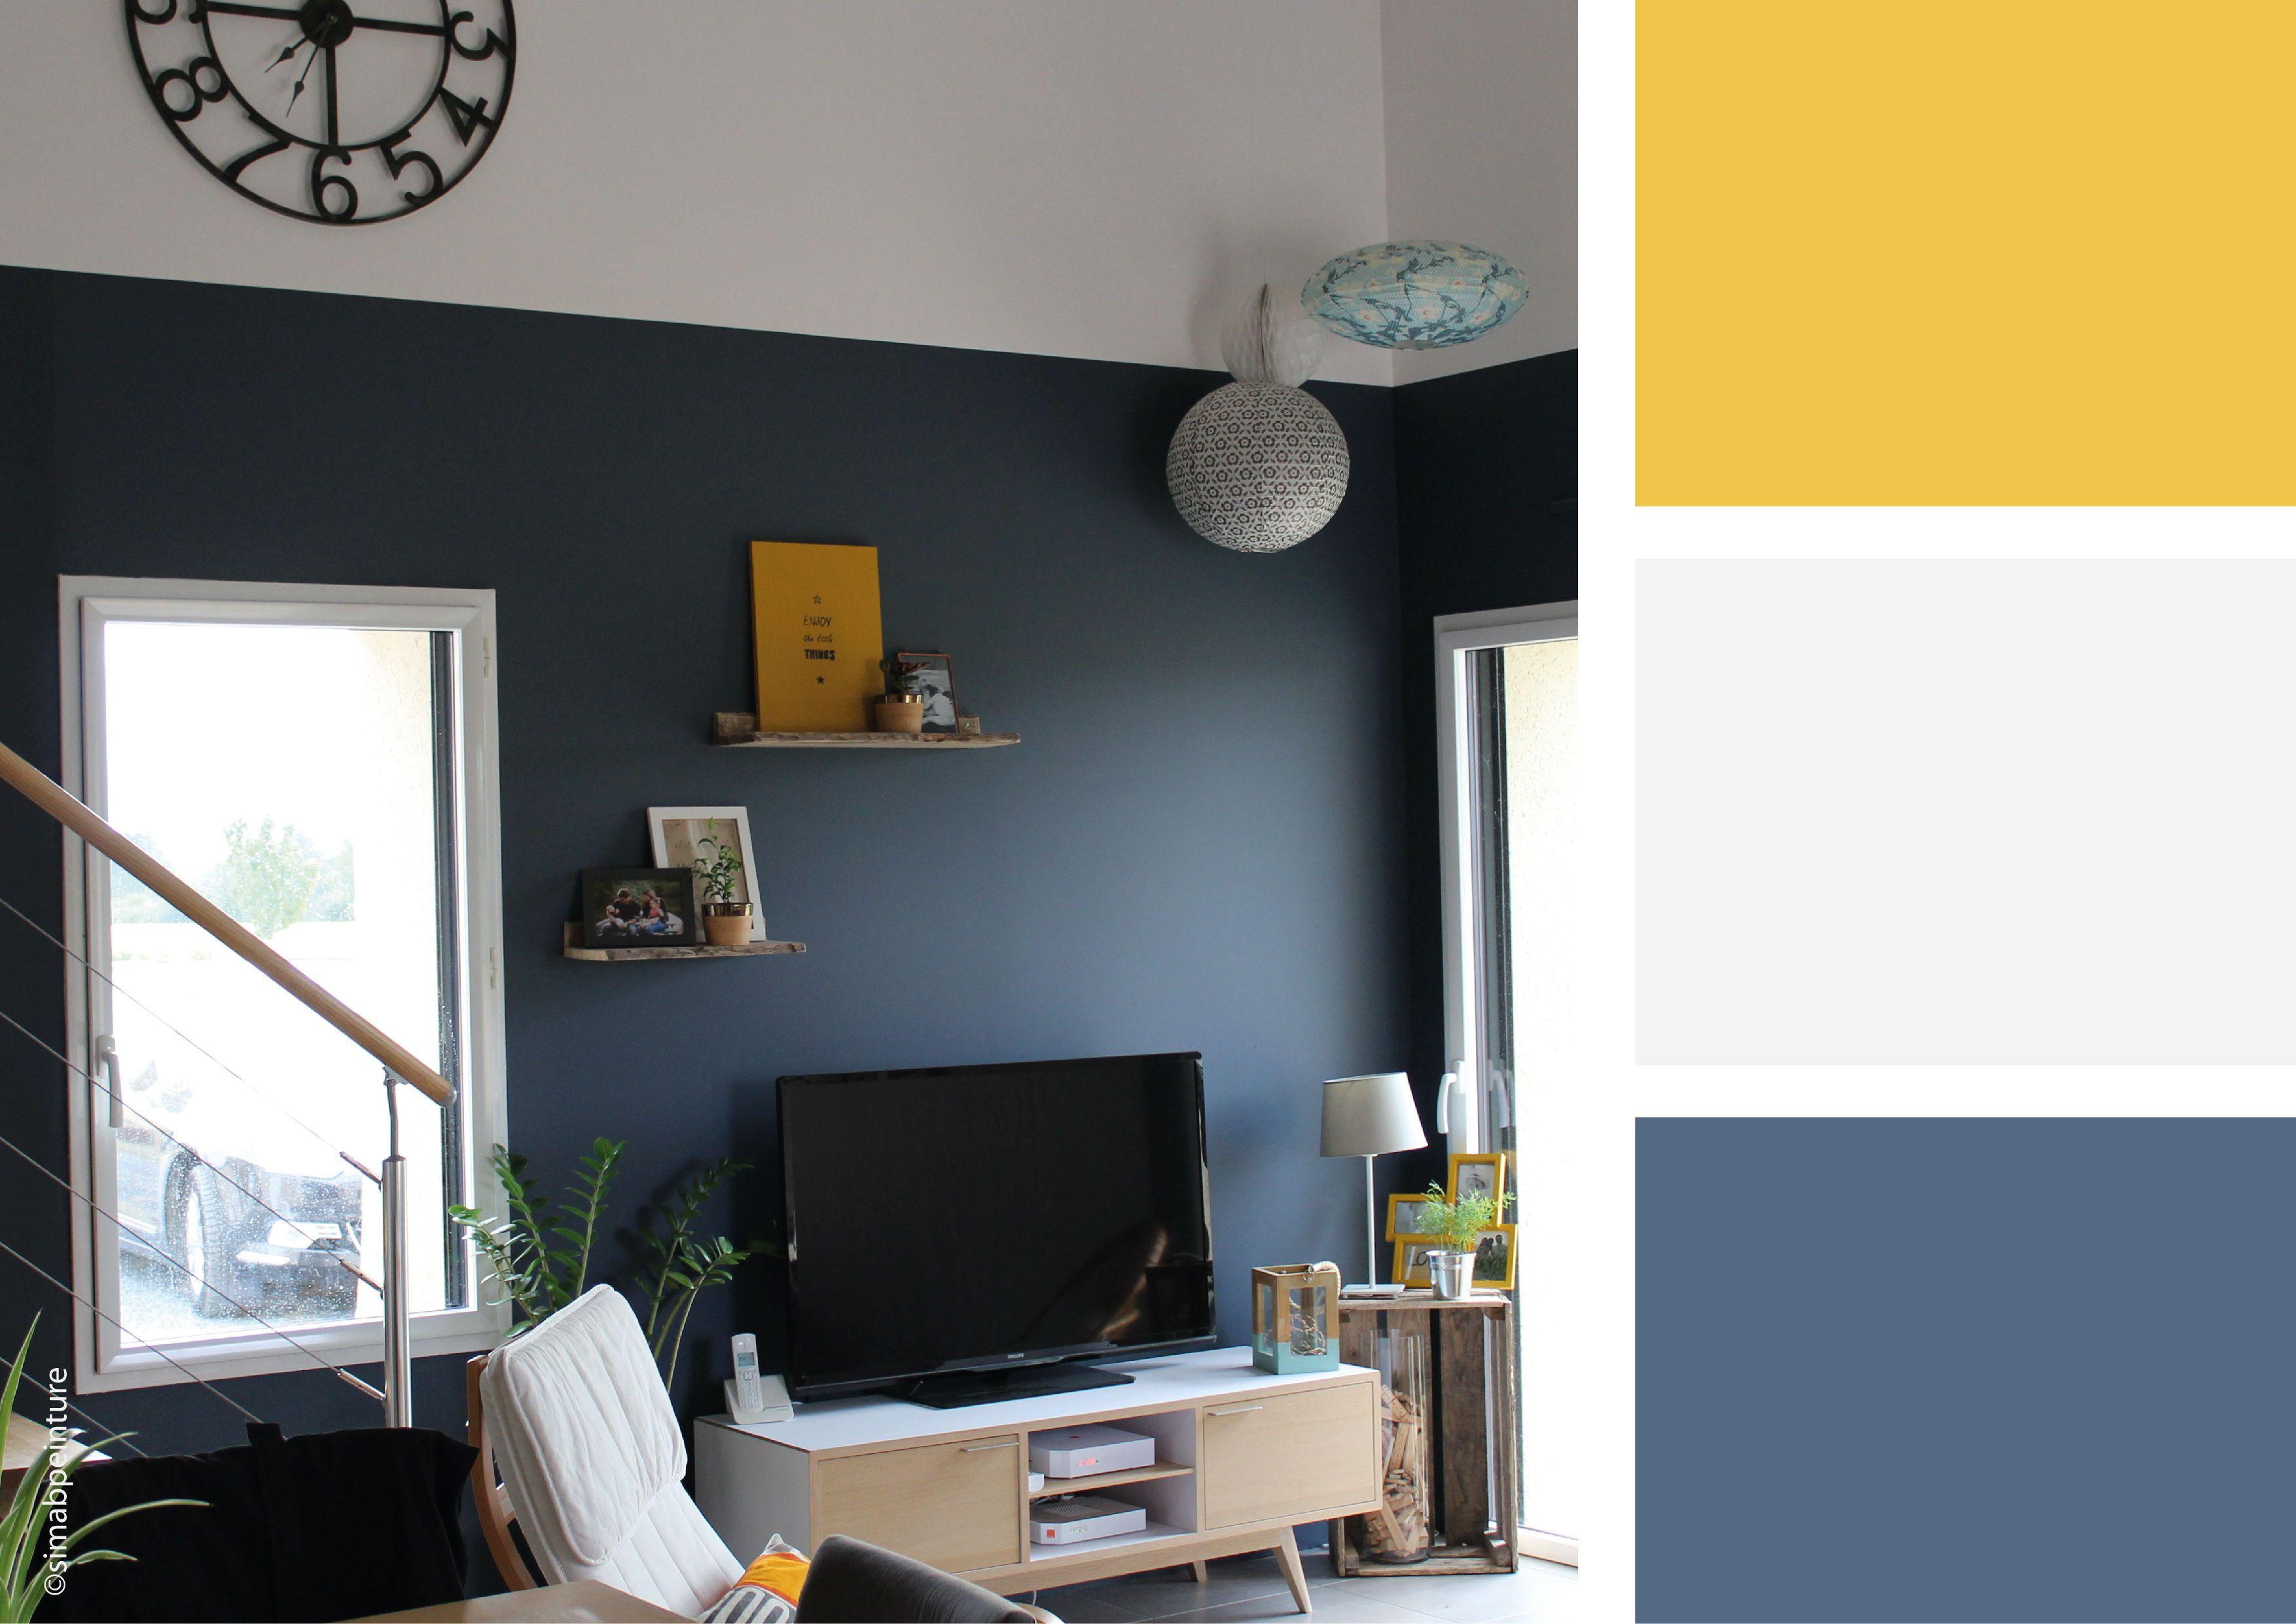 Harmonie Des Couleurs Dans Une Maison une association de couleurs chic et simple pour ce salon